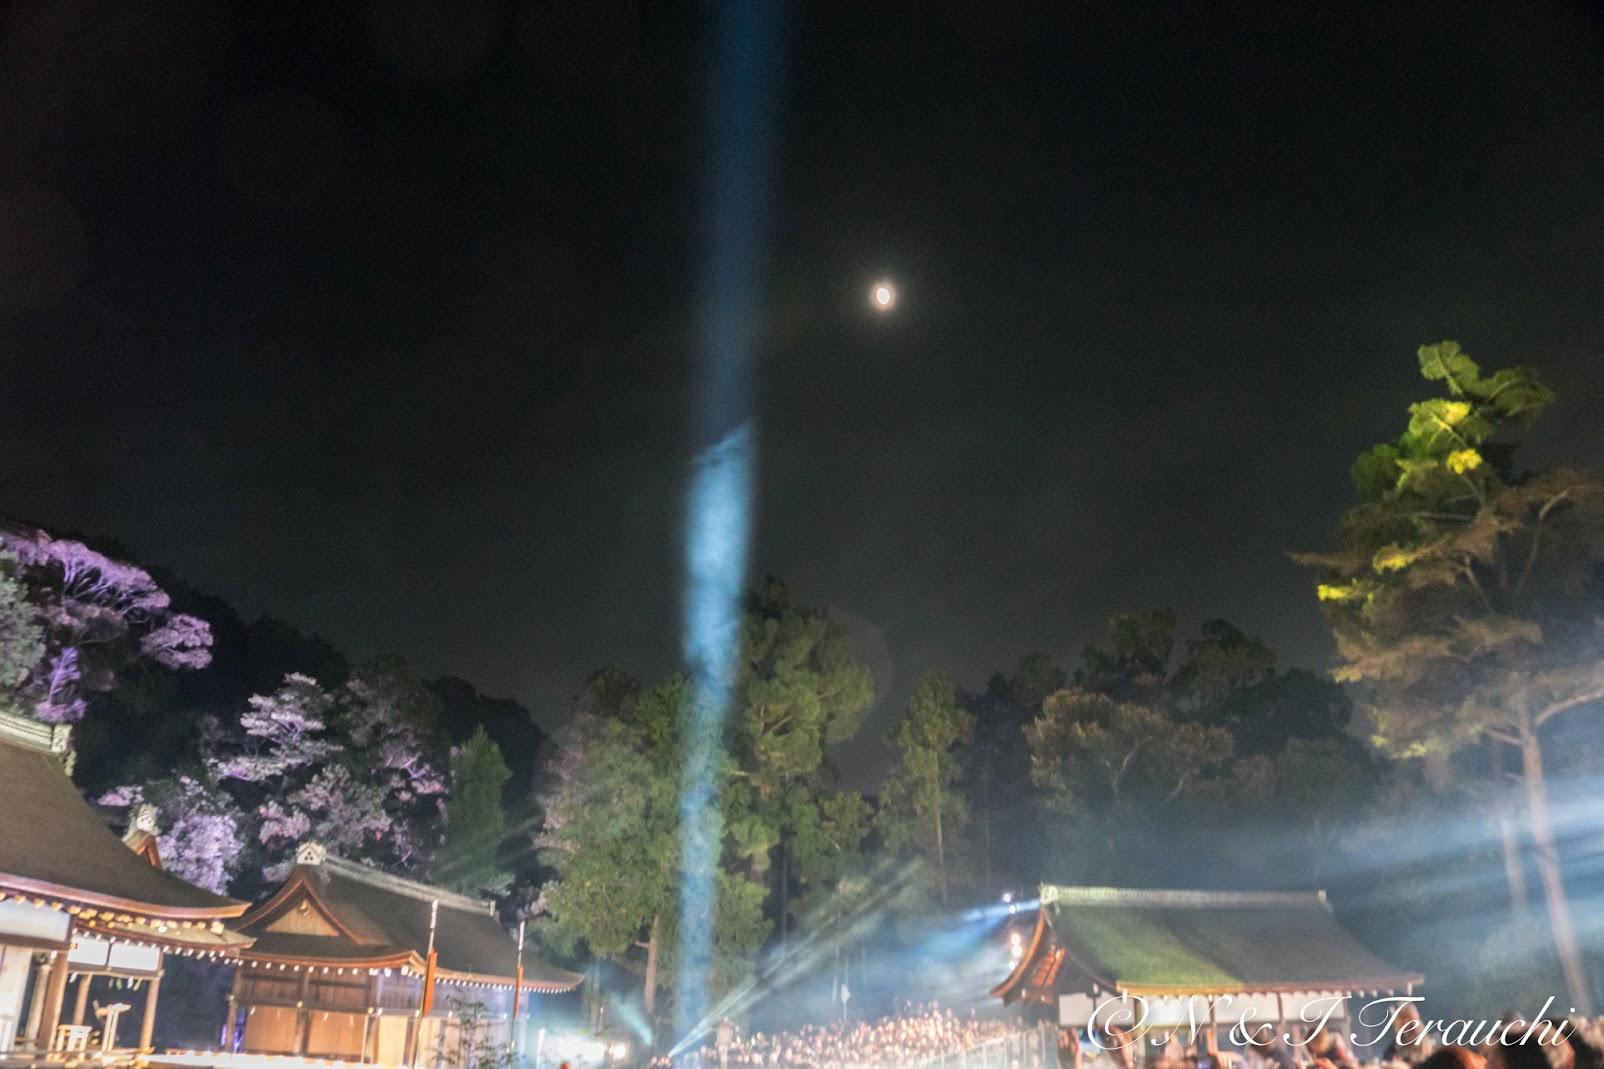 月明かりと最新テクノロジーの光の共演